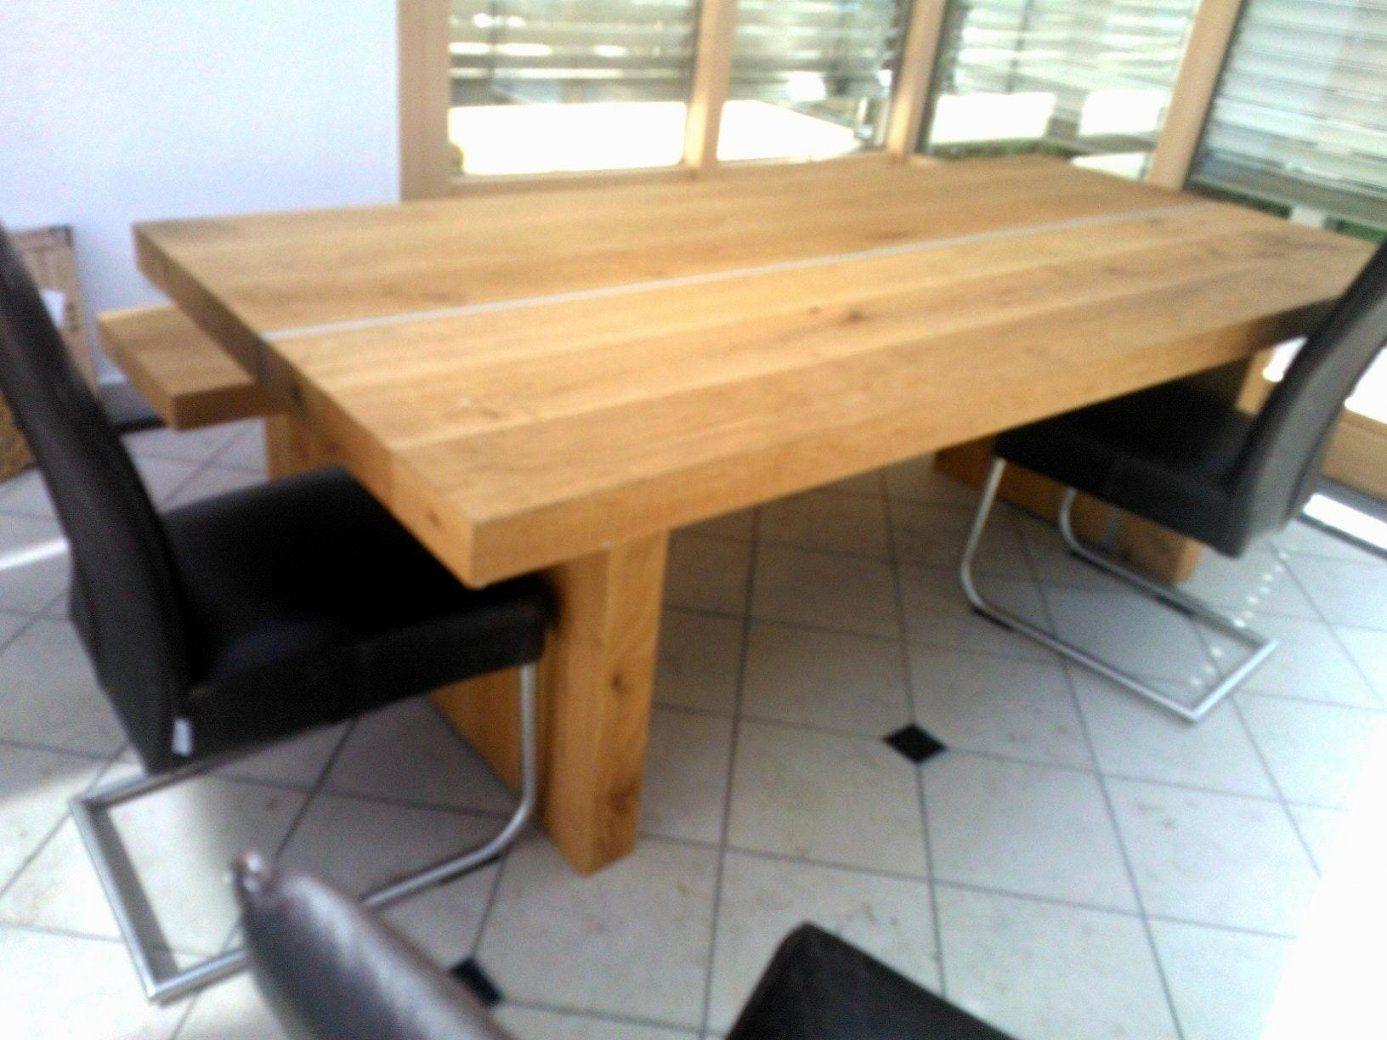 Stühle Esstisch Elegant Gebrauchte Gastronomie Tische Und Sta¼Hle von Tische Und Stühle Für Gastronomie Gebraucht Photo